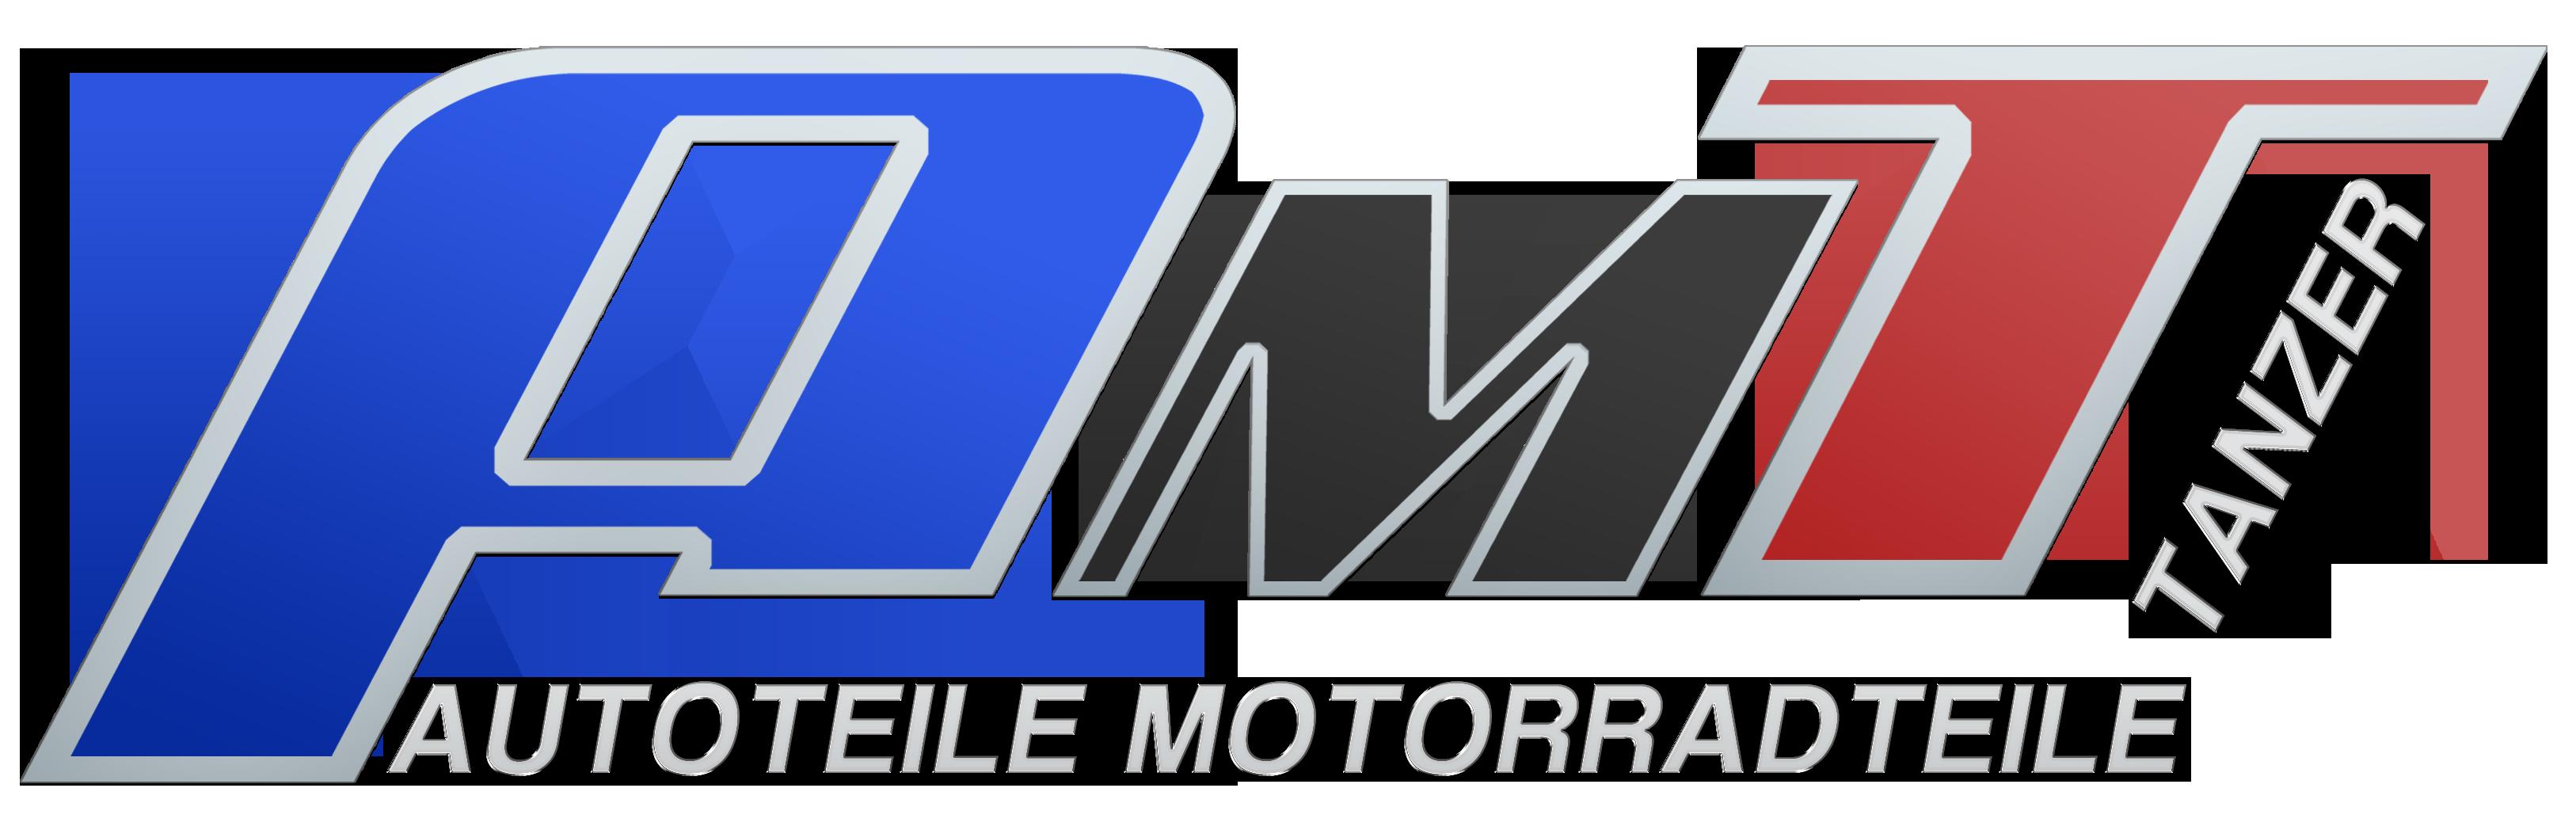 Tanzer24.de Onlineshop für Auto und Motorrad - zur Startseite wechseln